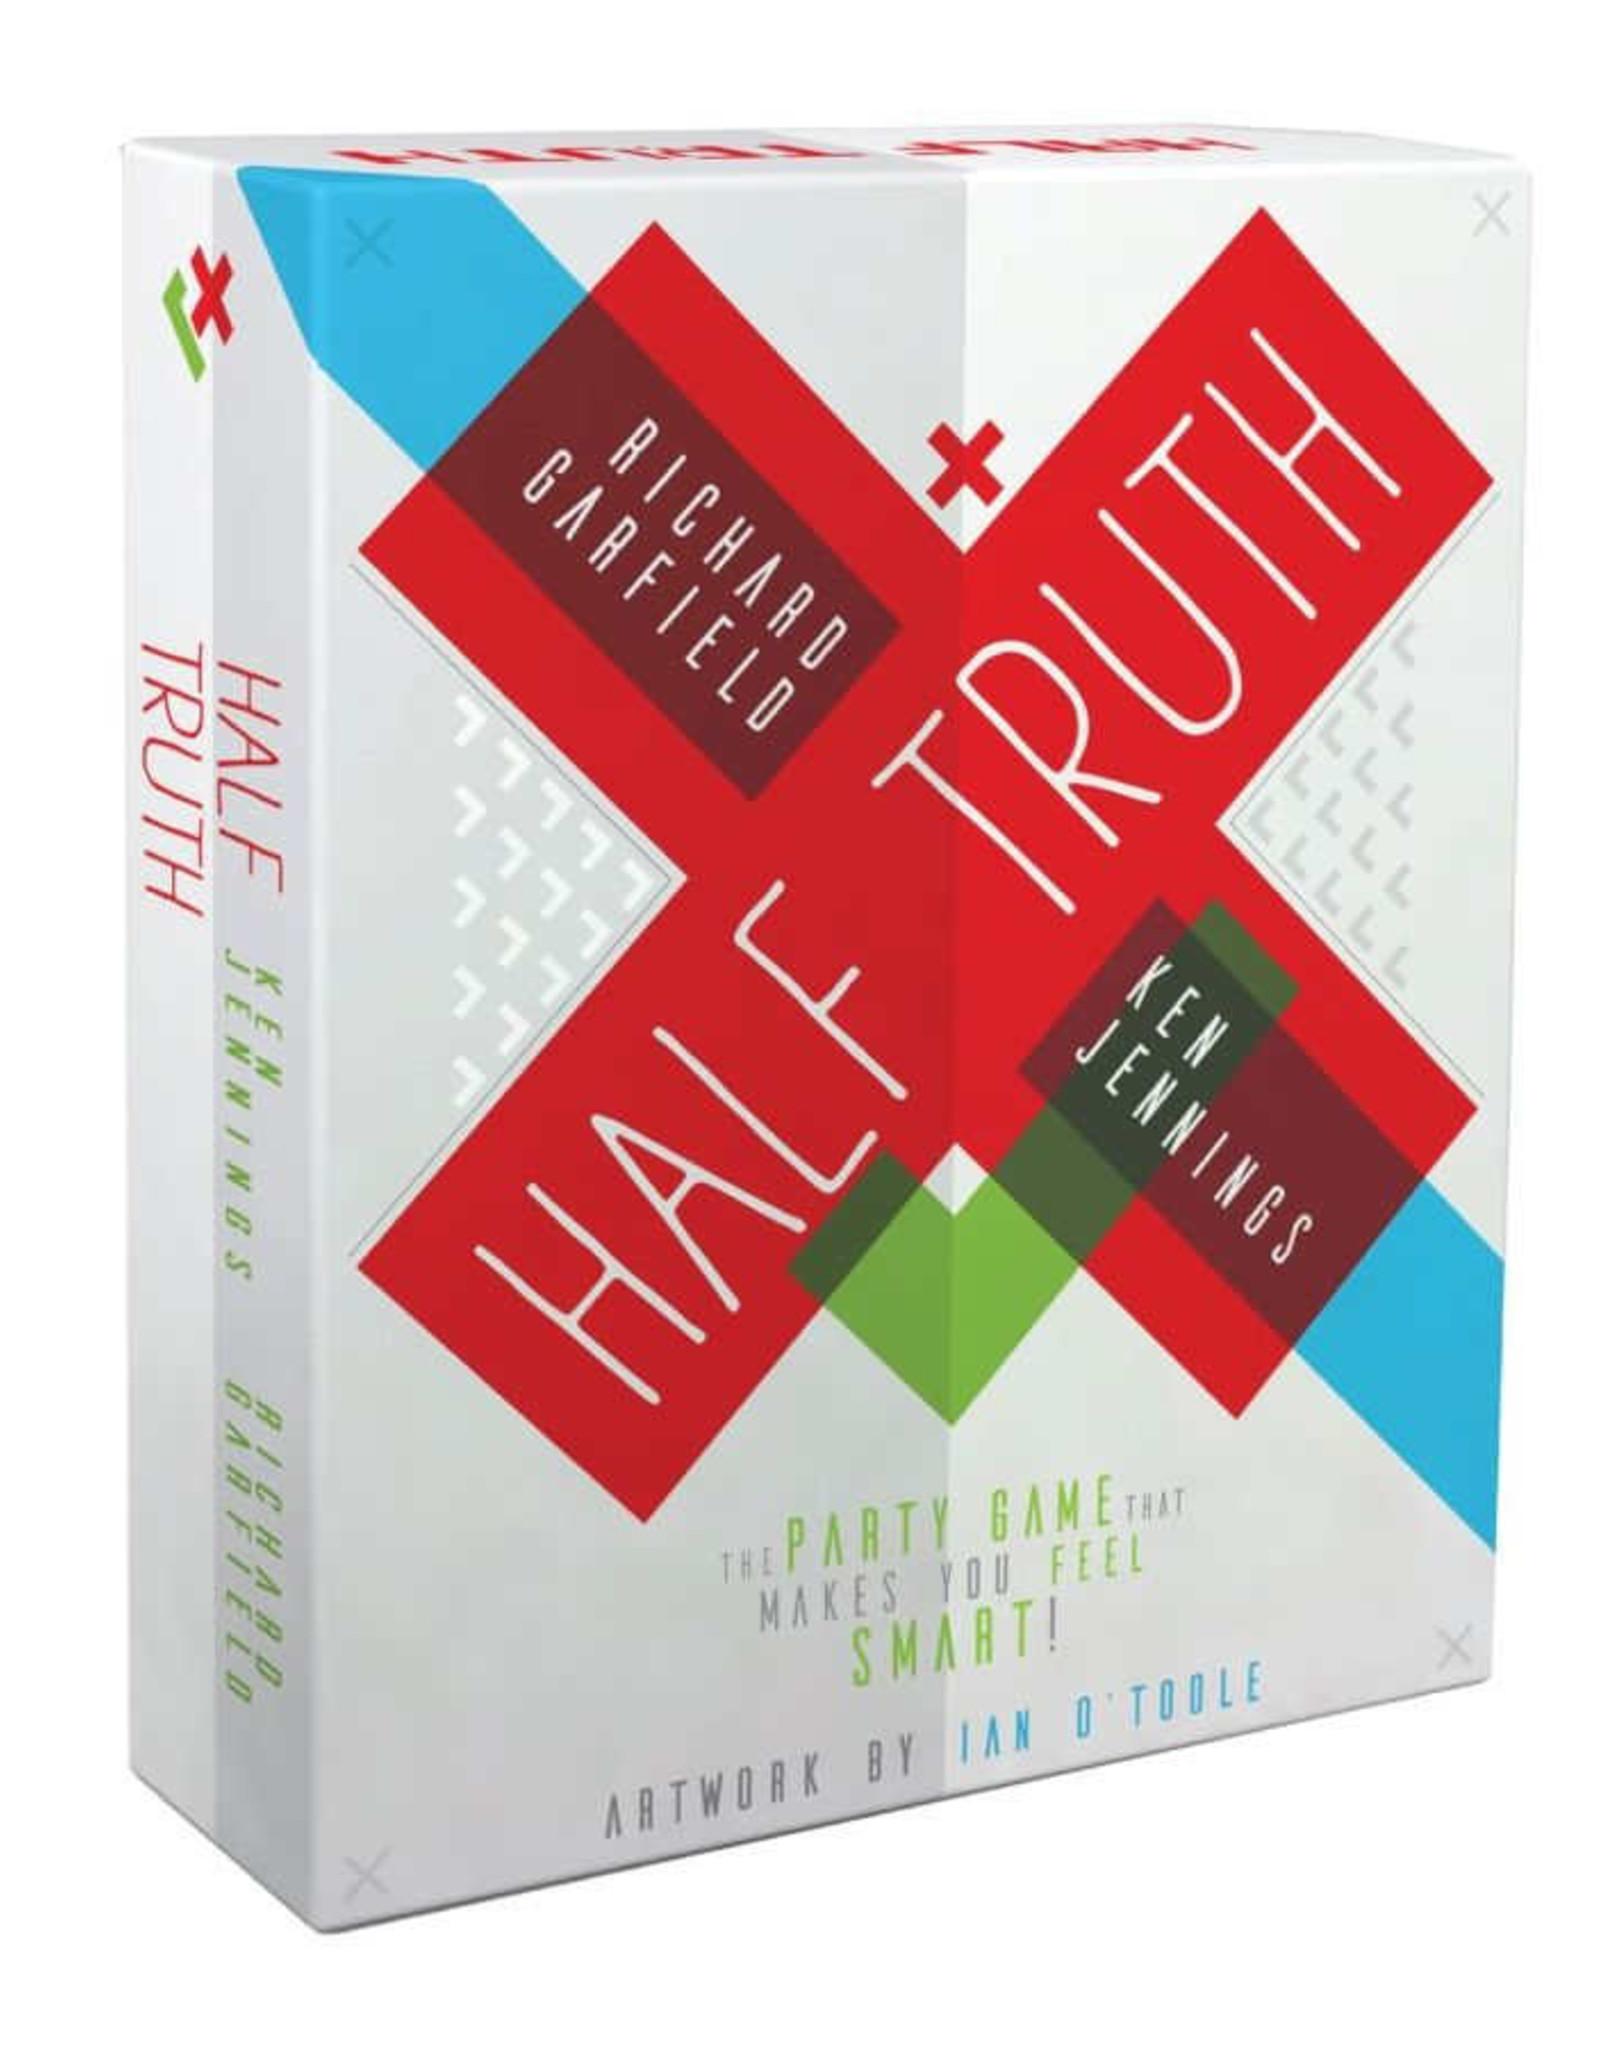 Studio 71 Half Truth